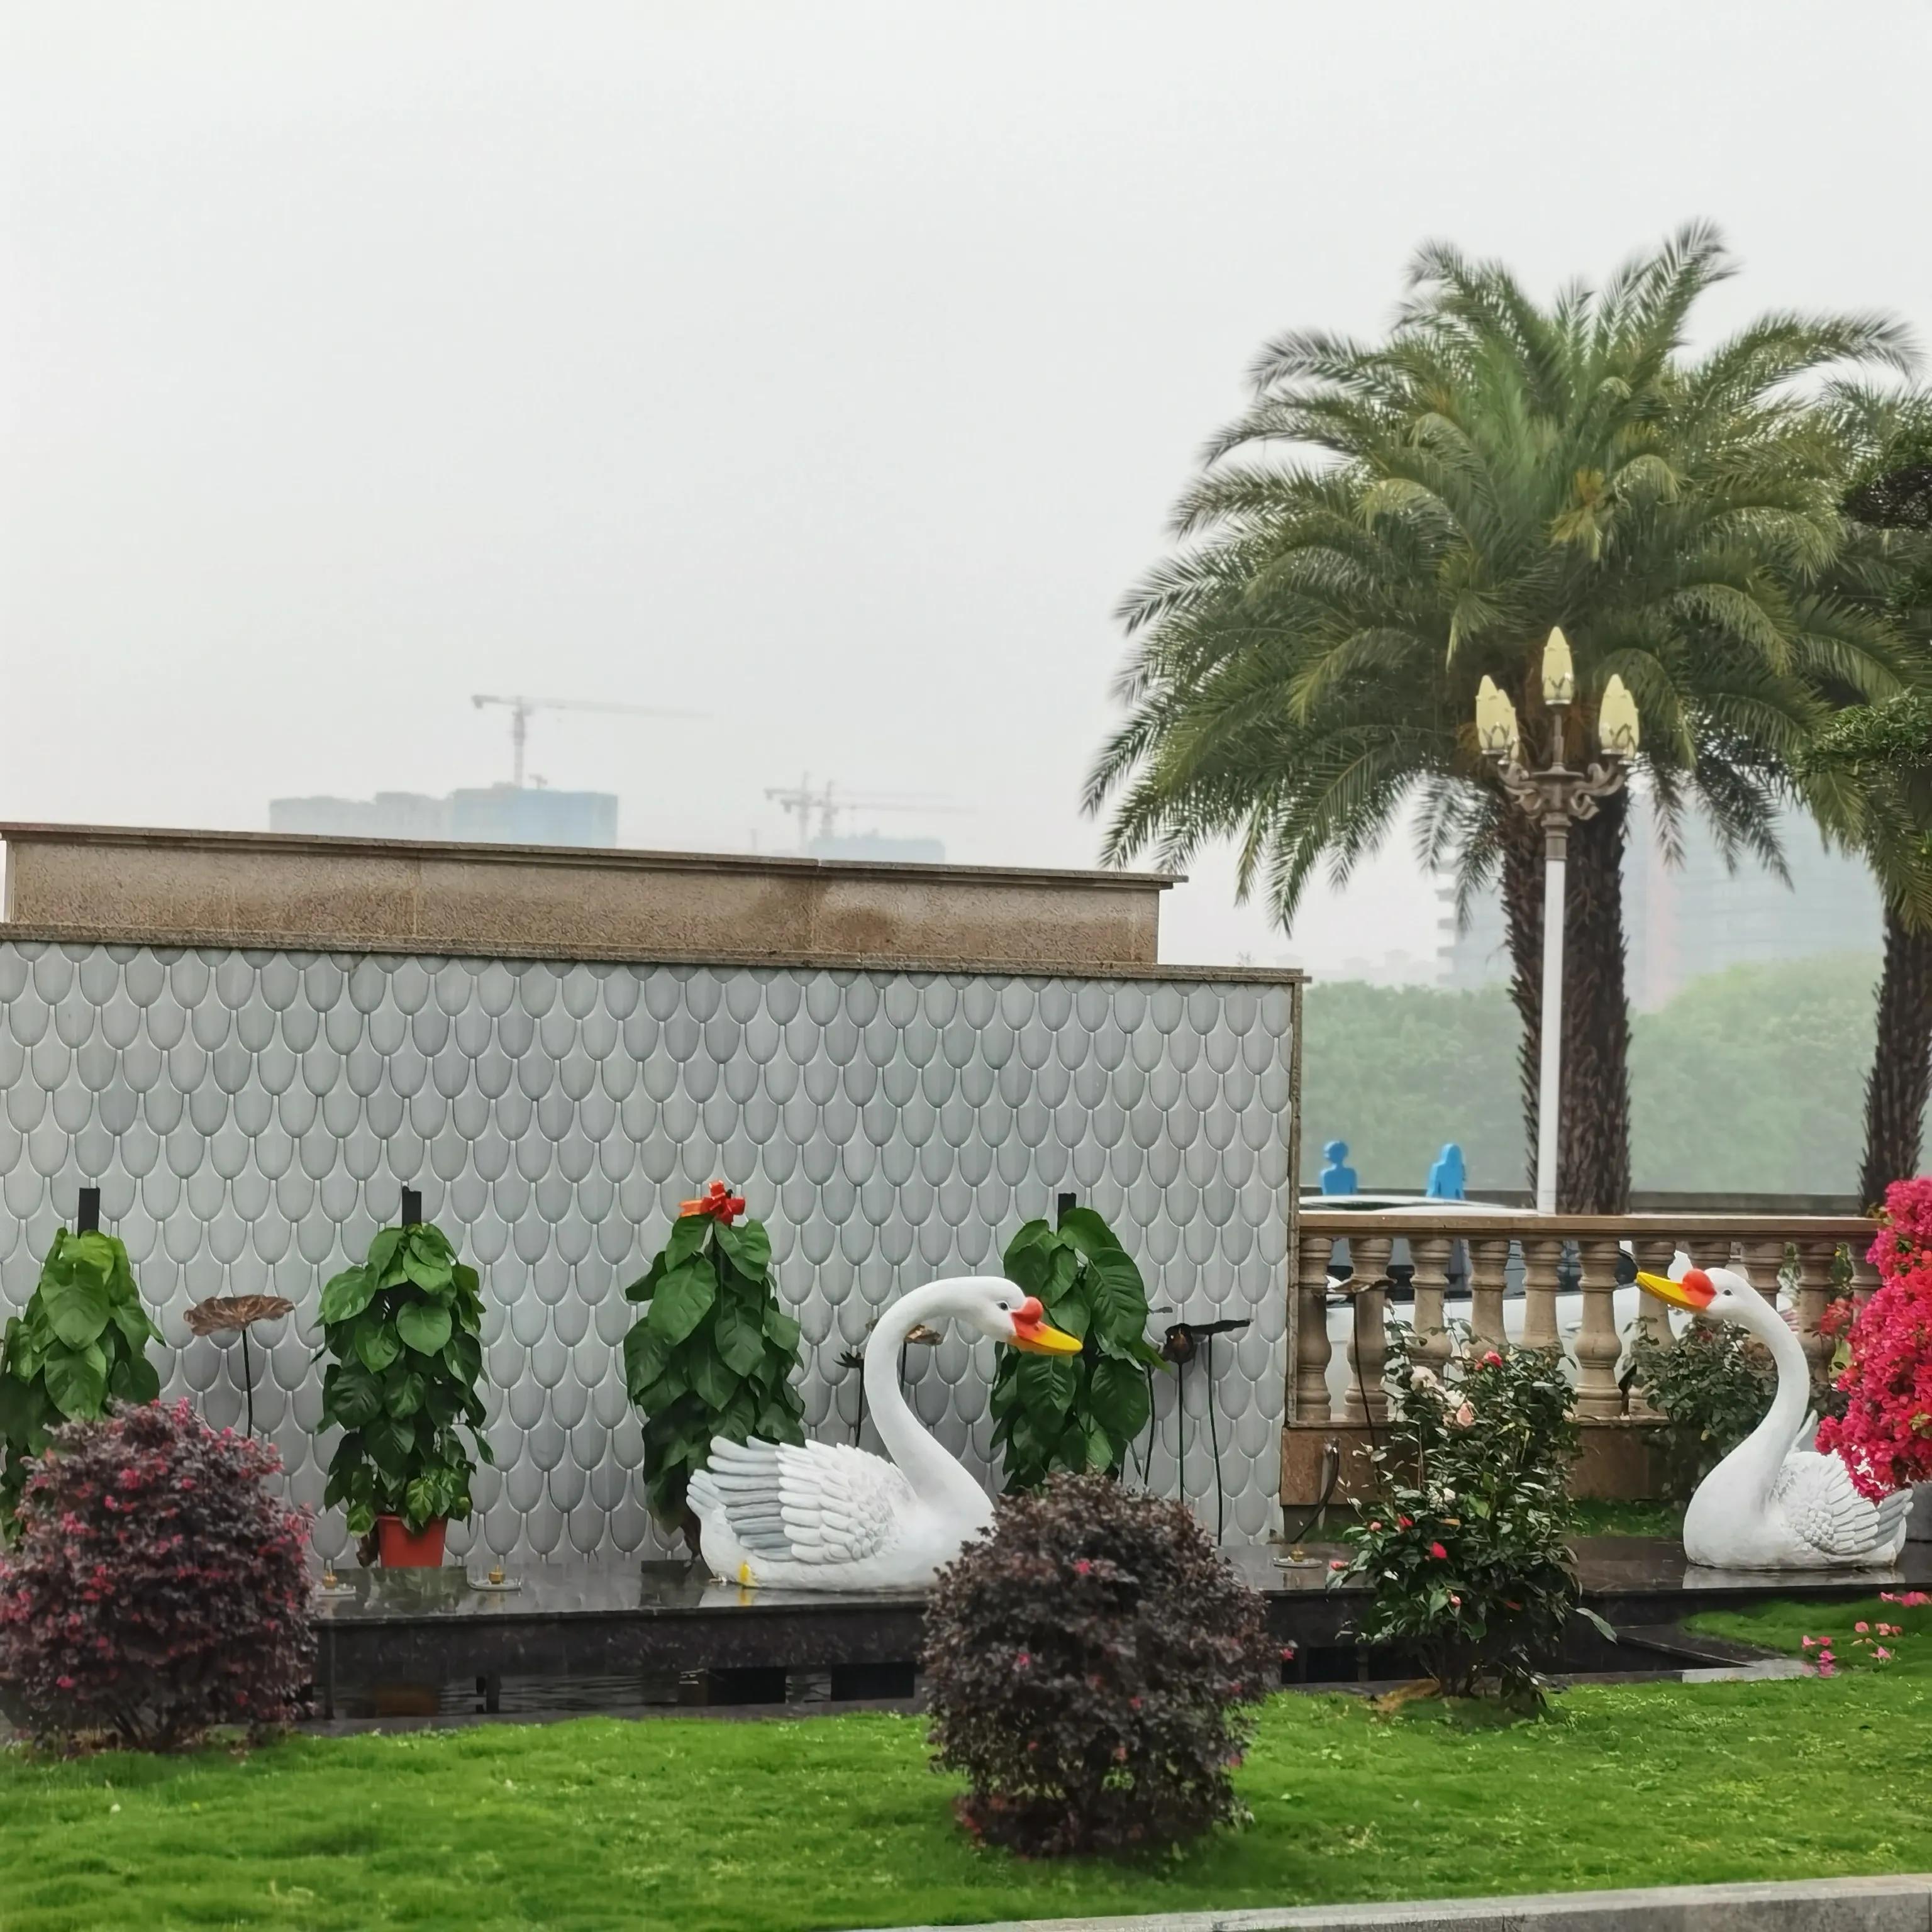 曾祥裕告诫设计师:住宅风水讲内外环境相和谐 装修设计谨防风水缺陷